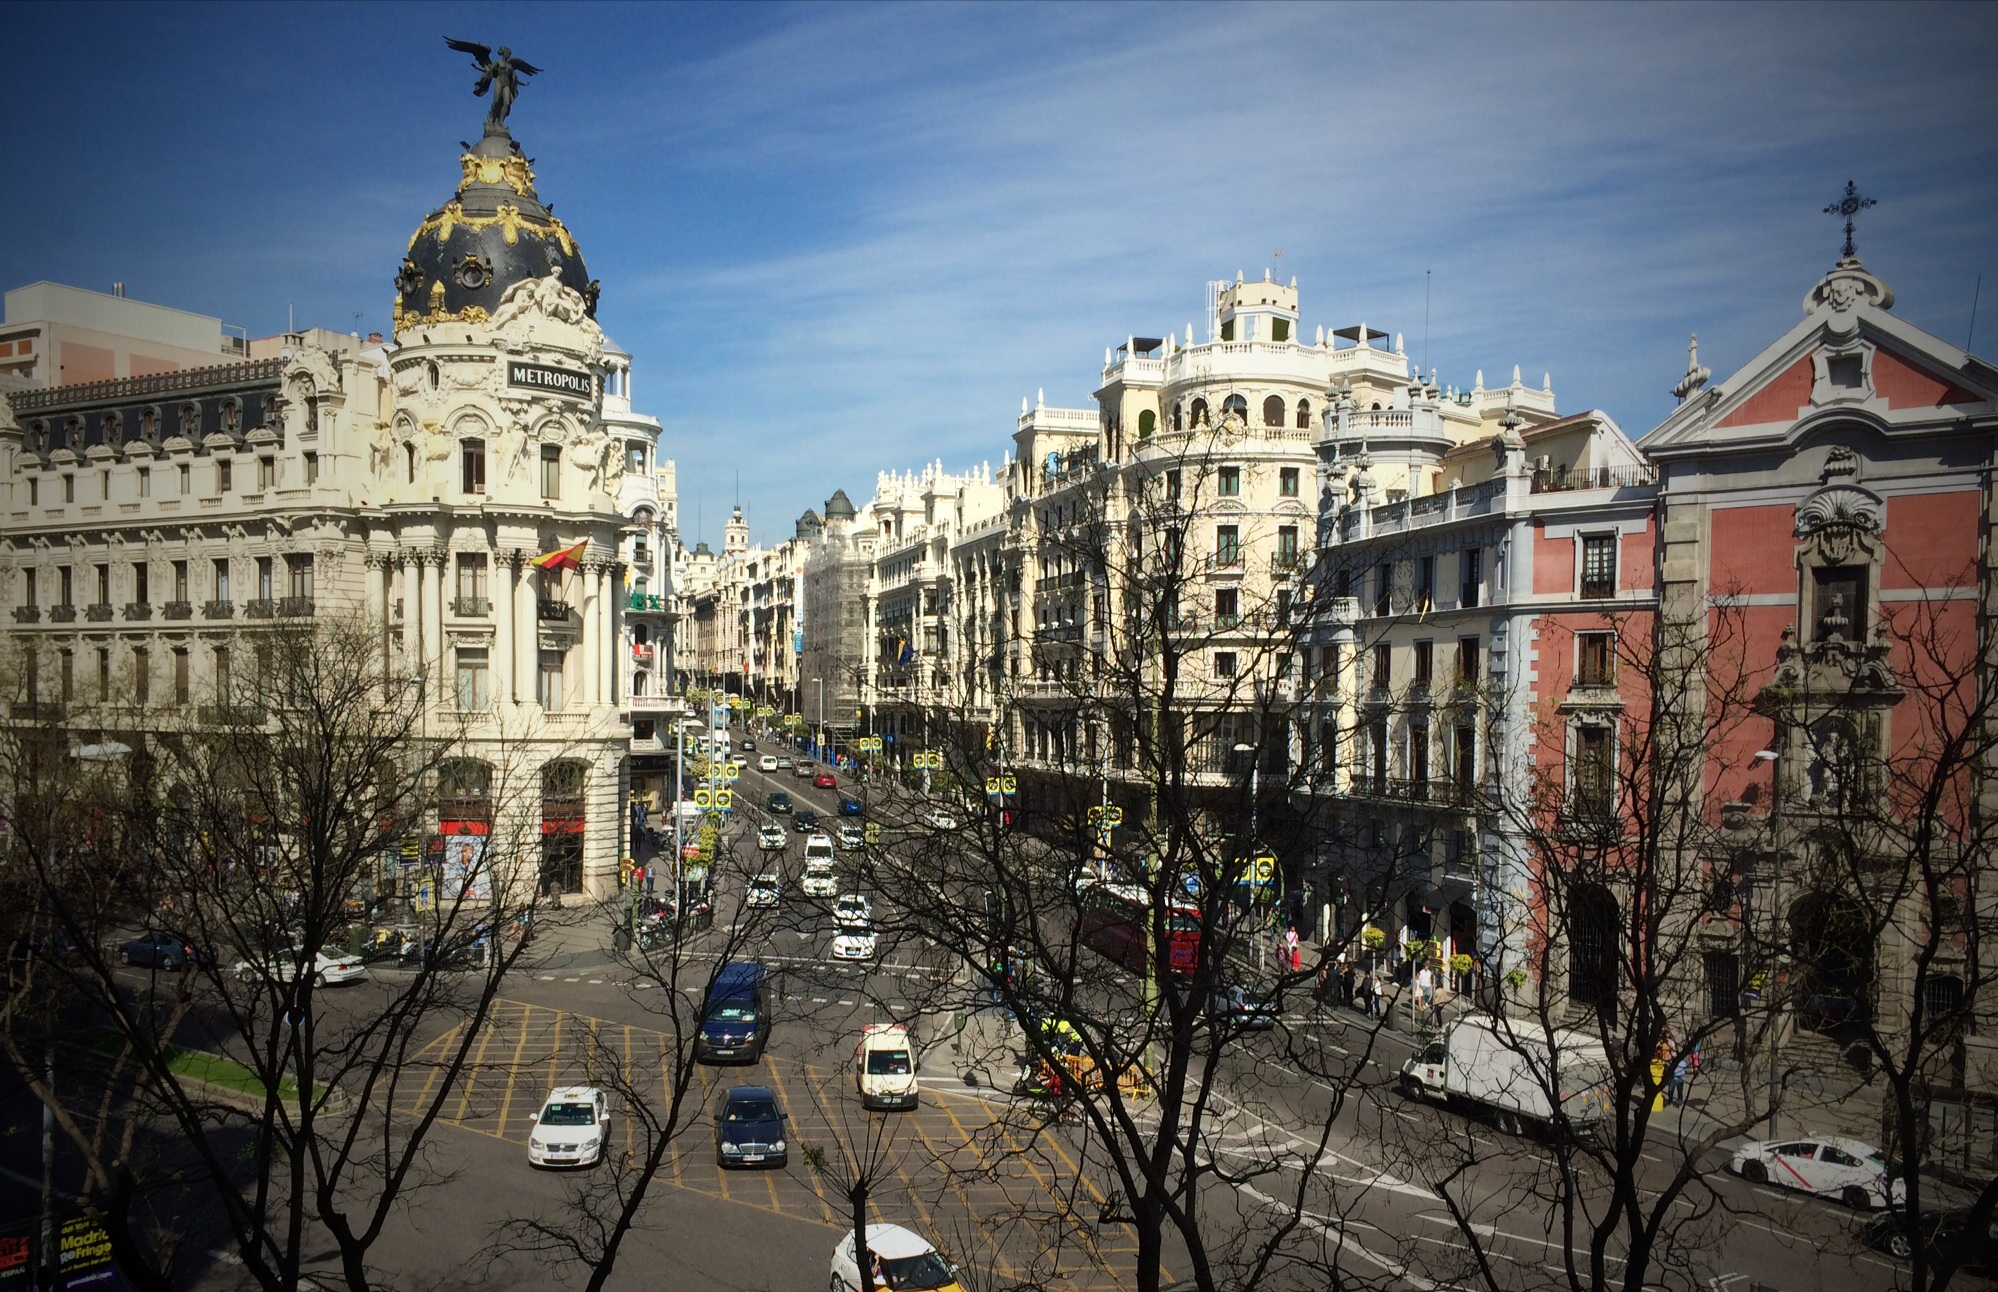 By Álvaro Ibáñez from Madrid, Spain (Gran Vía + Metrópolis)